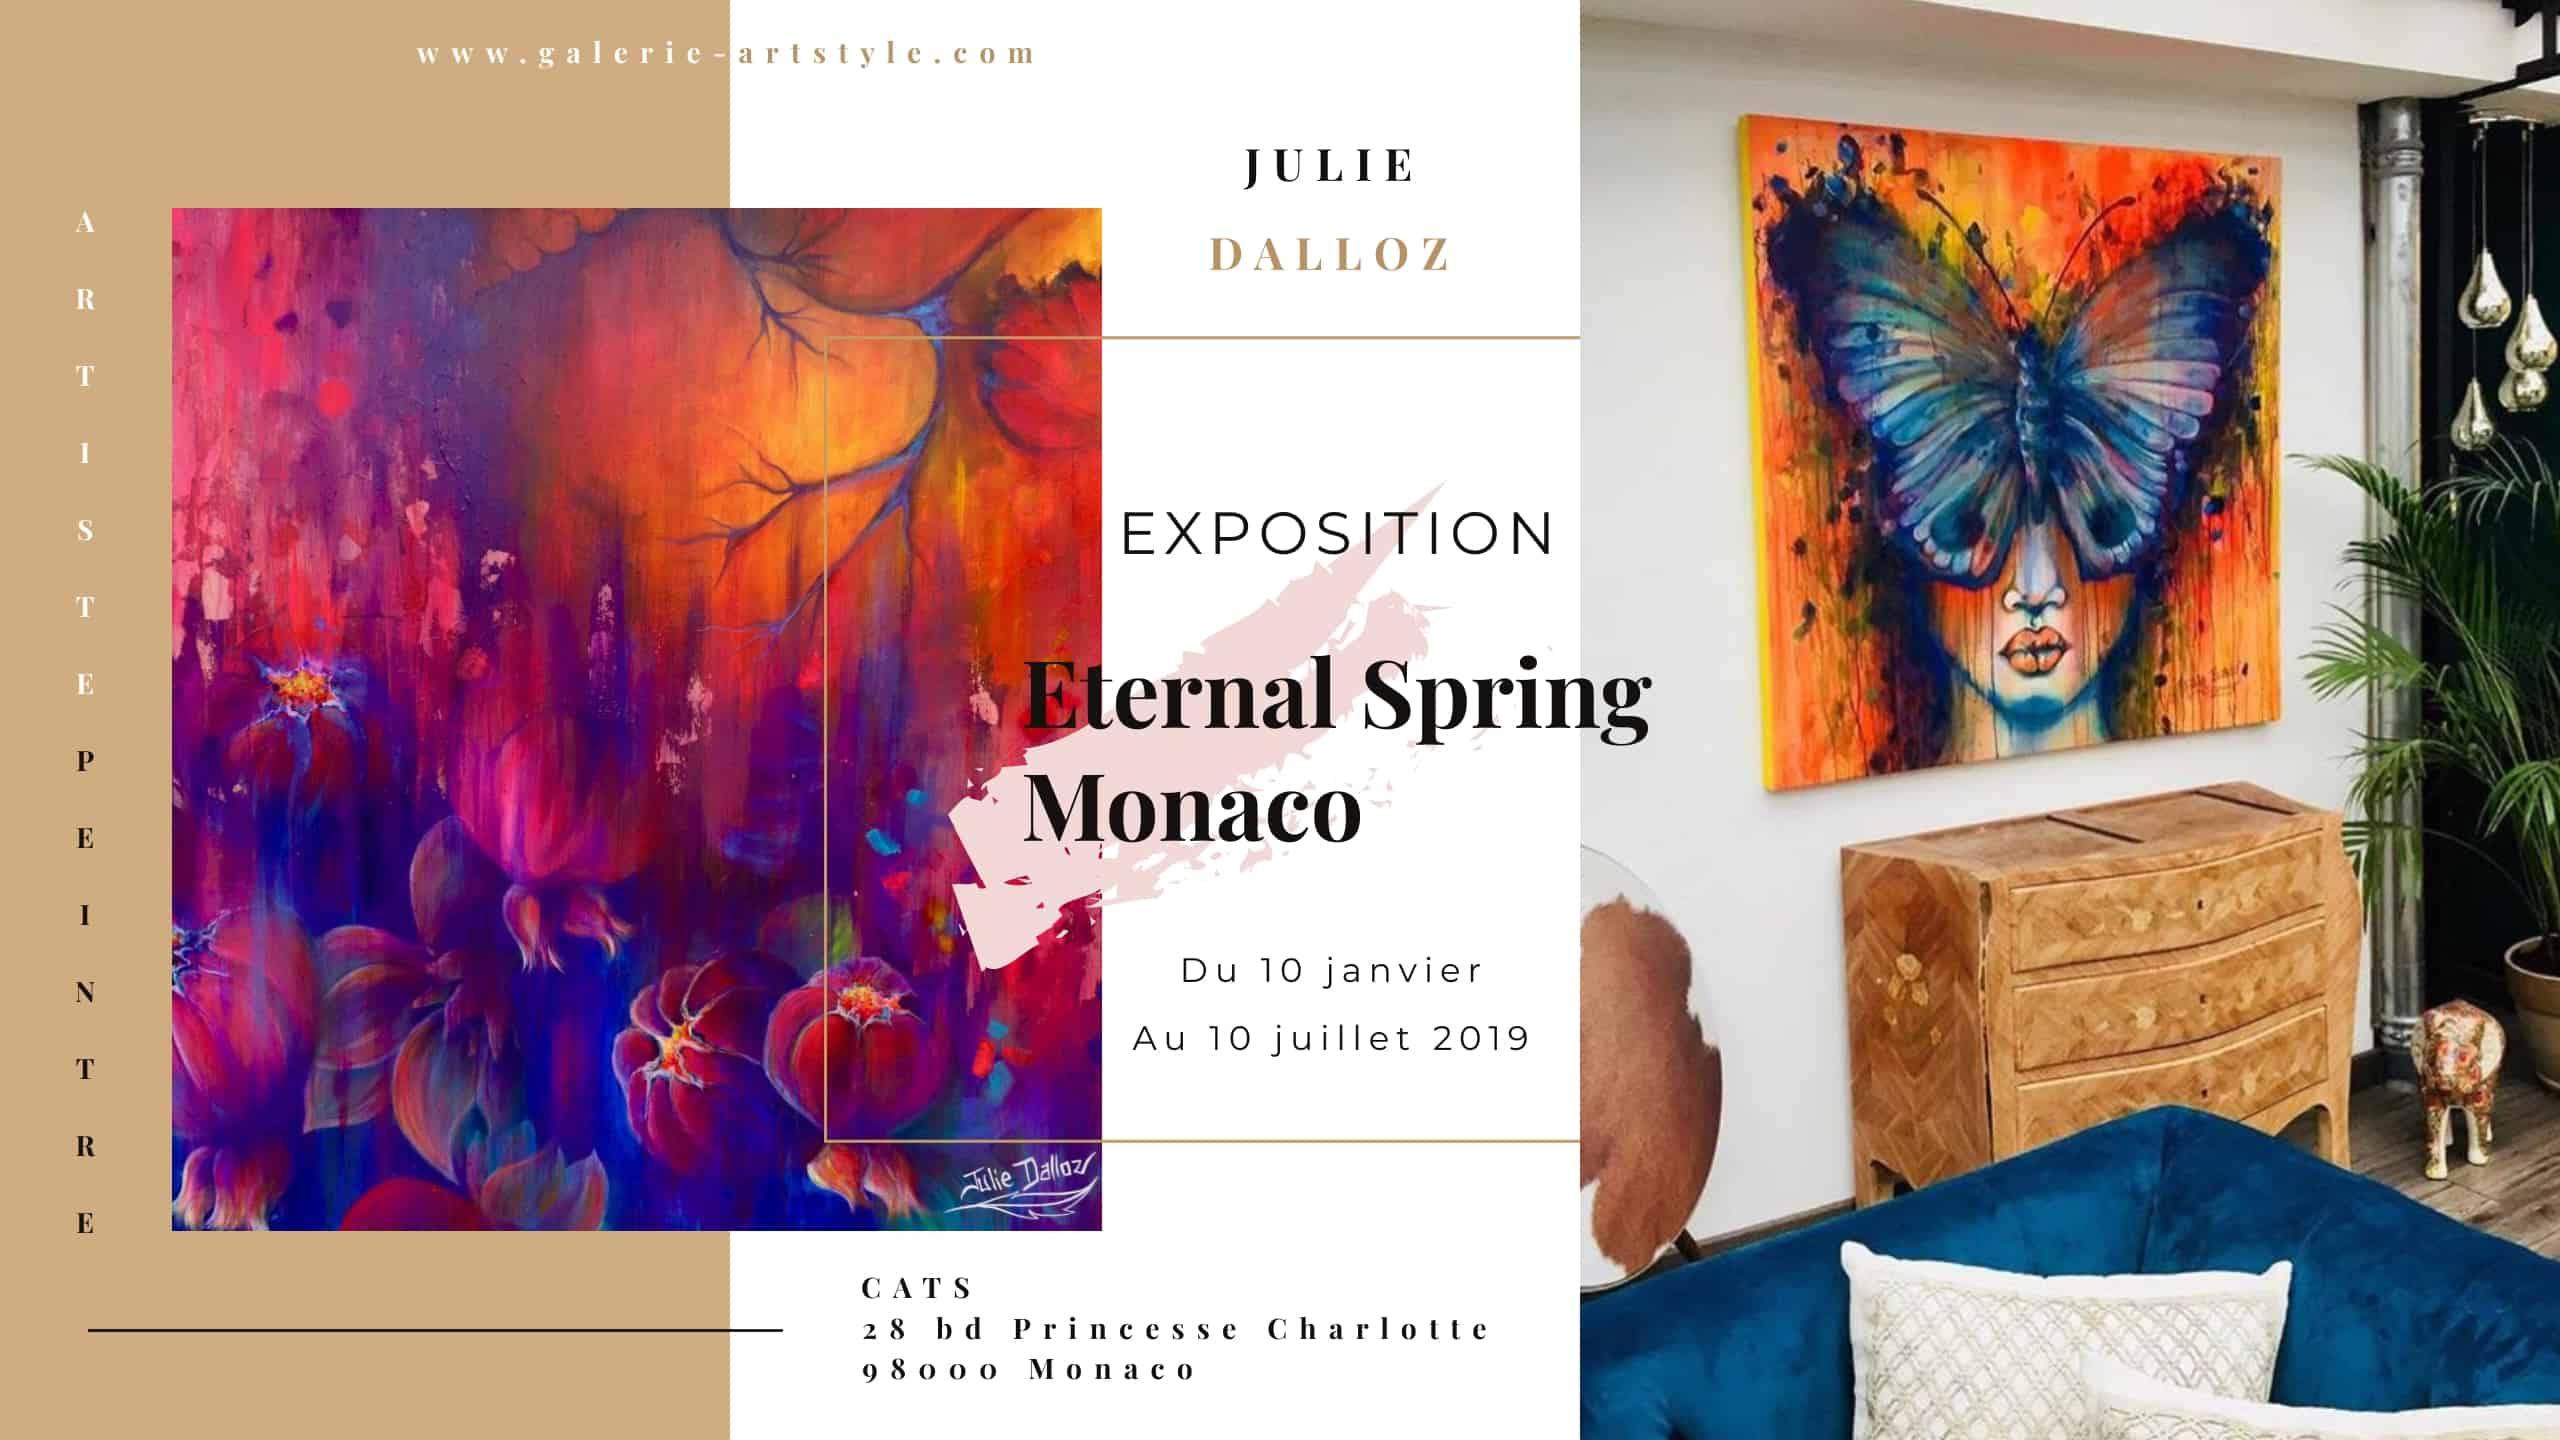 Julie Dalloz sera visible tout le 1er semestre 2019 à Monaco chez Cats